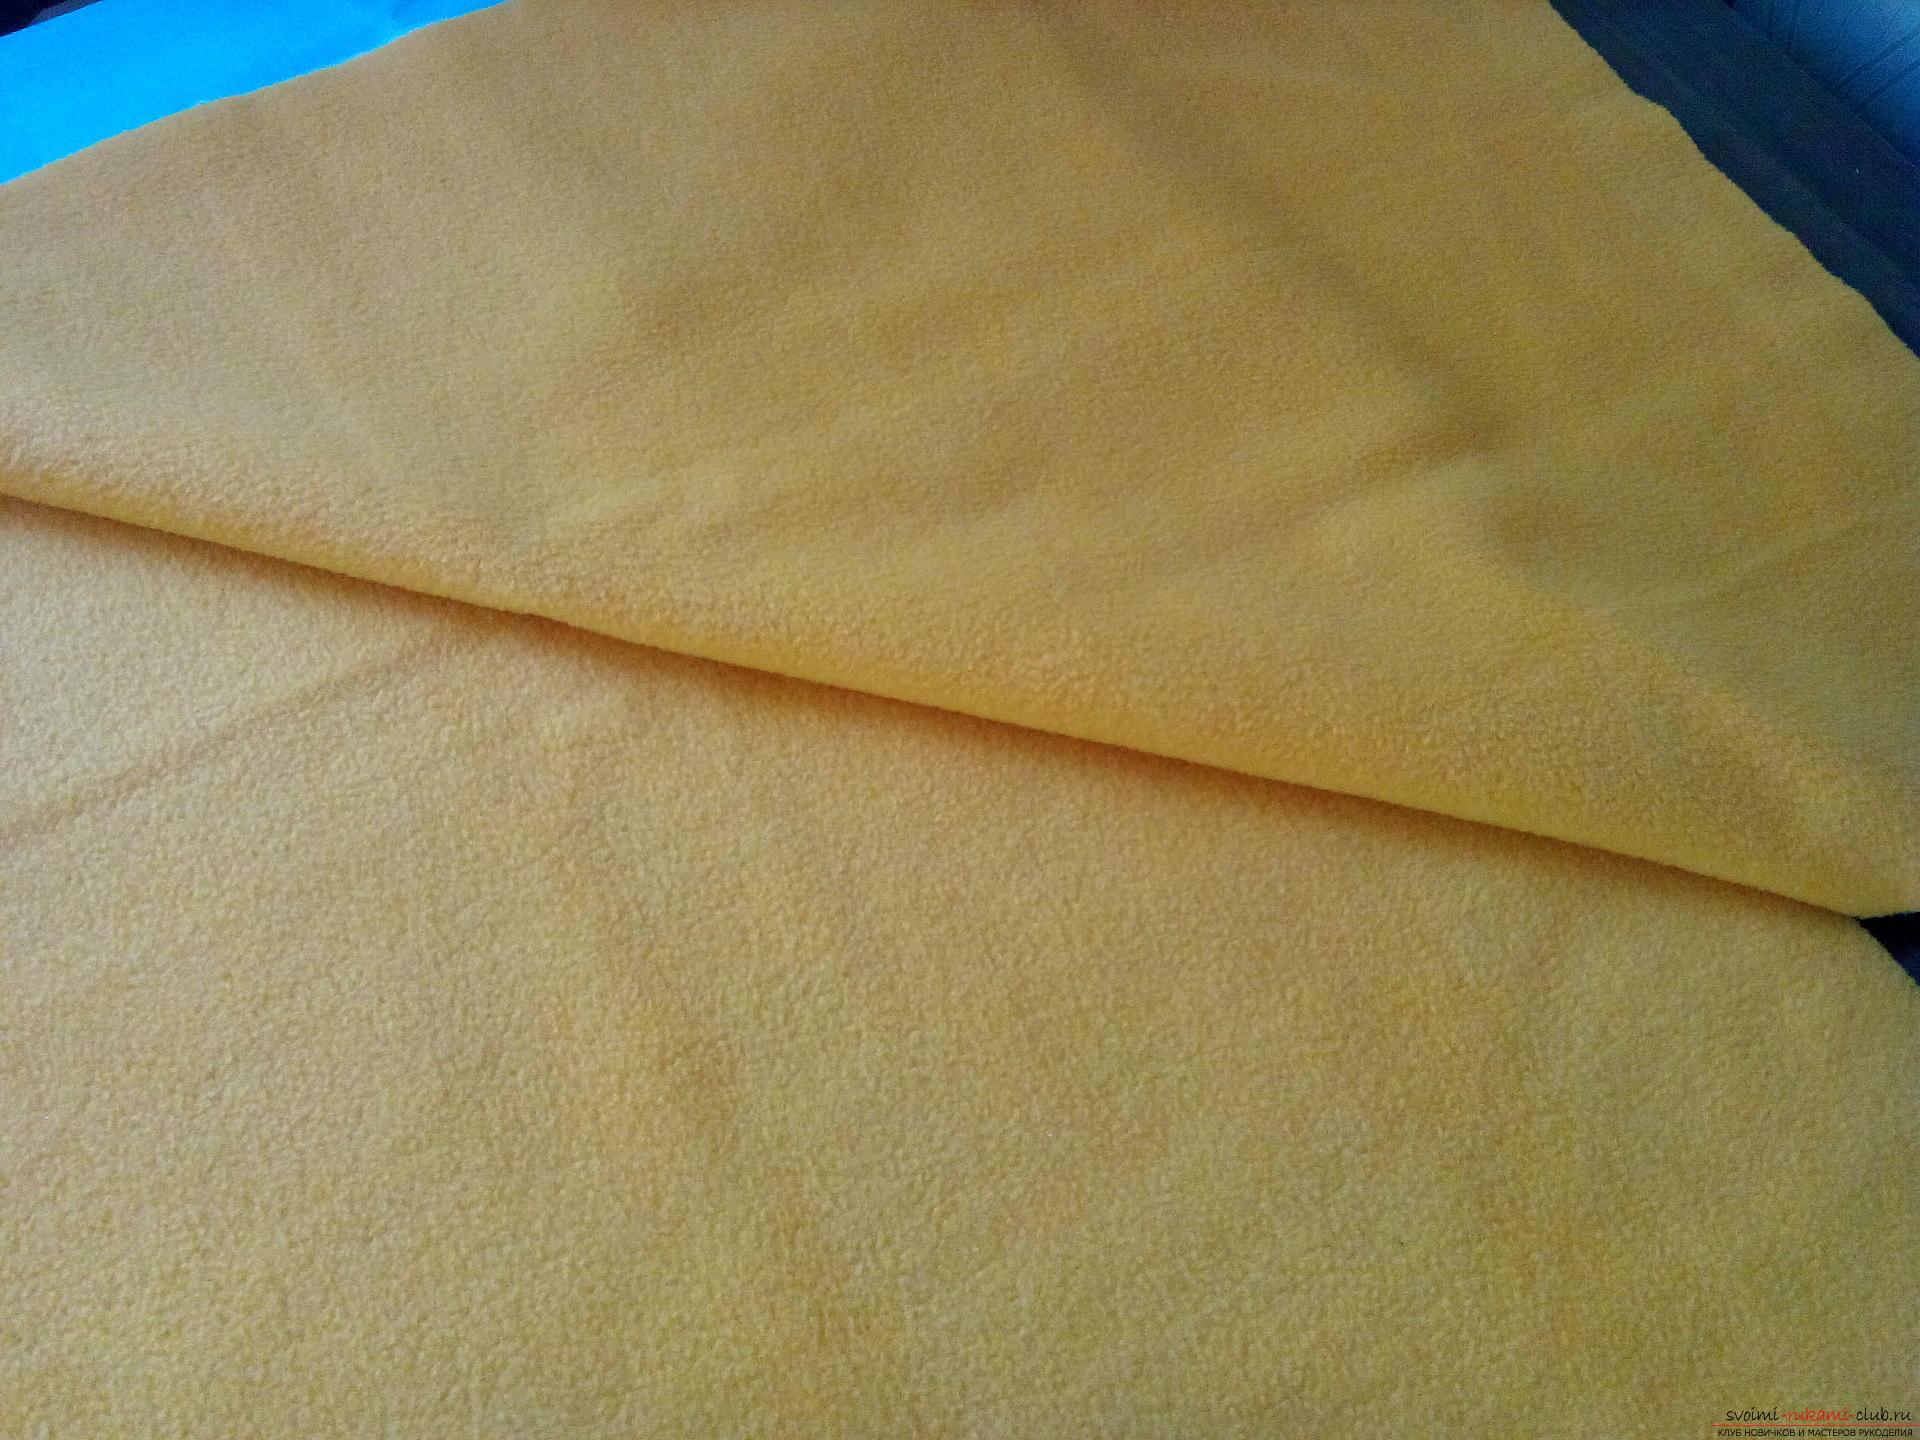 Мастер класс по выкройки конверта для новорожденного - делаем своими руками